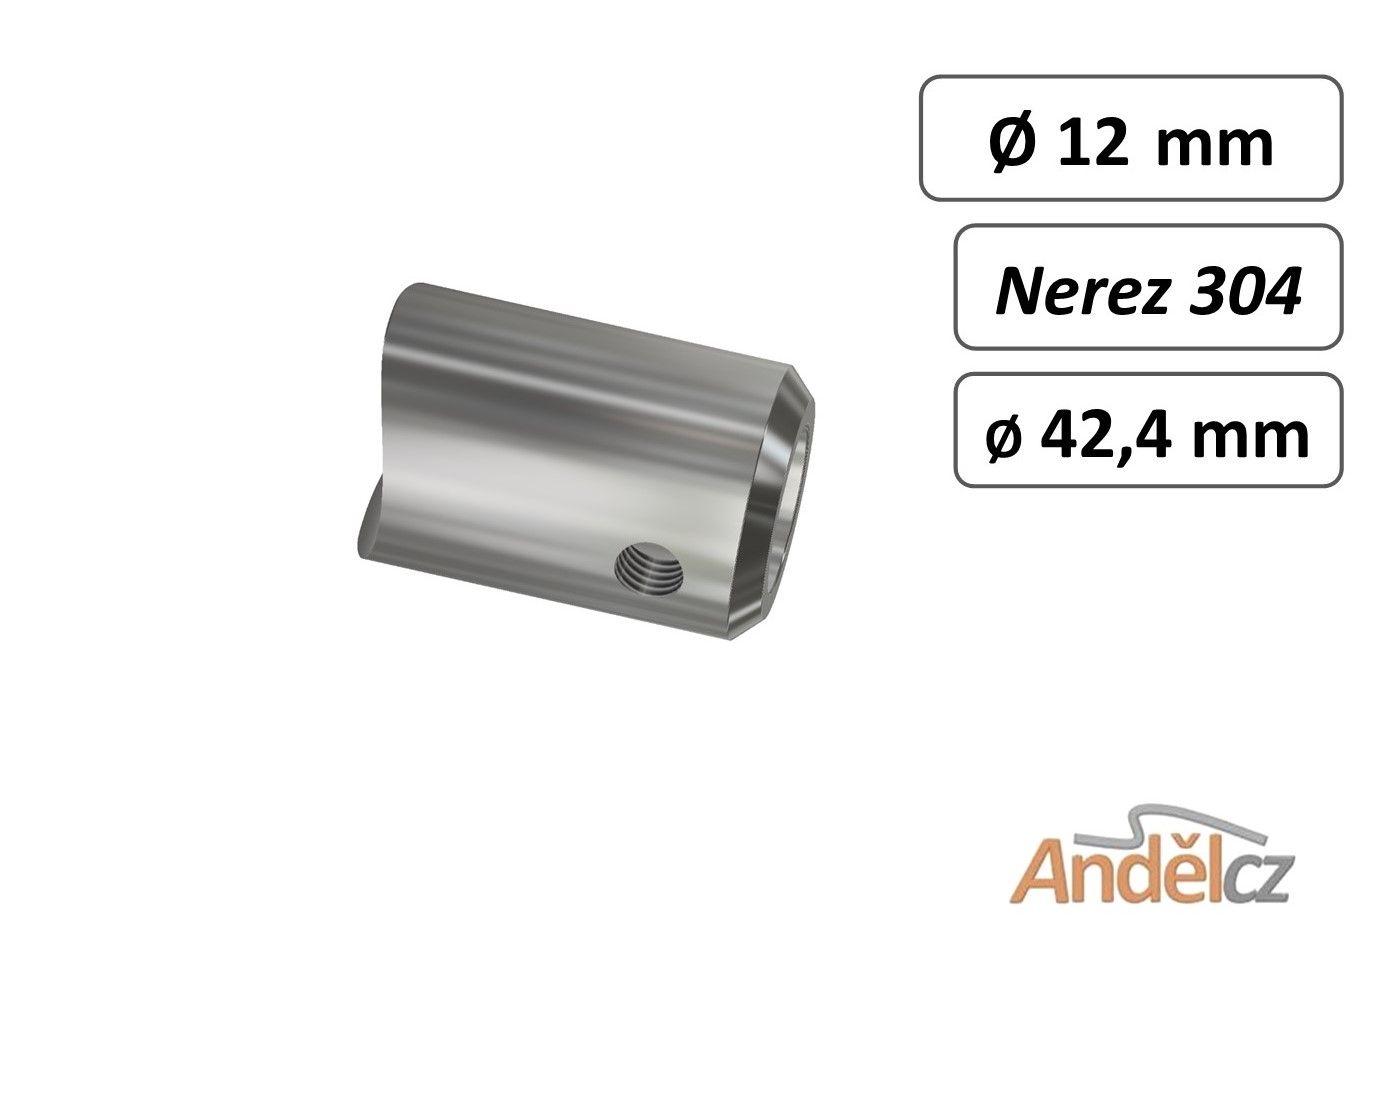 Držák přímý D12mm na trubku 42.4mm